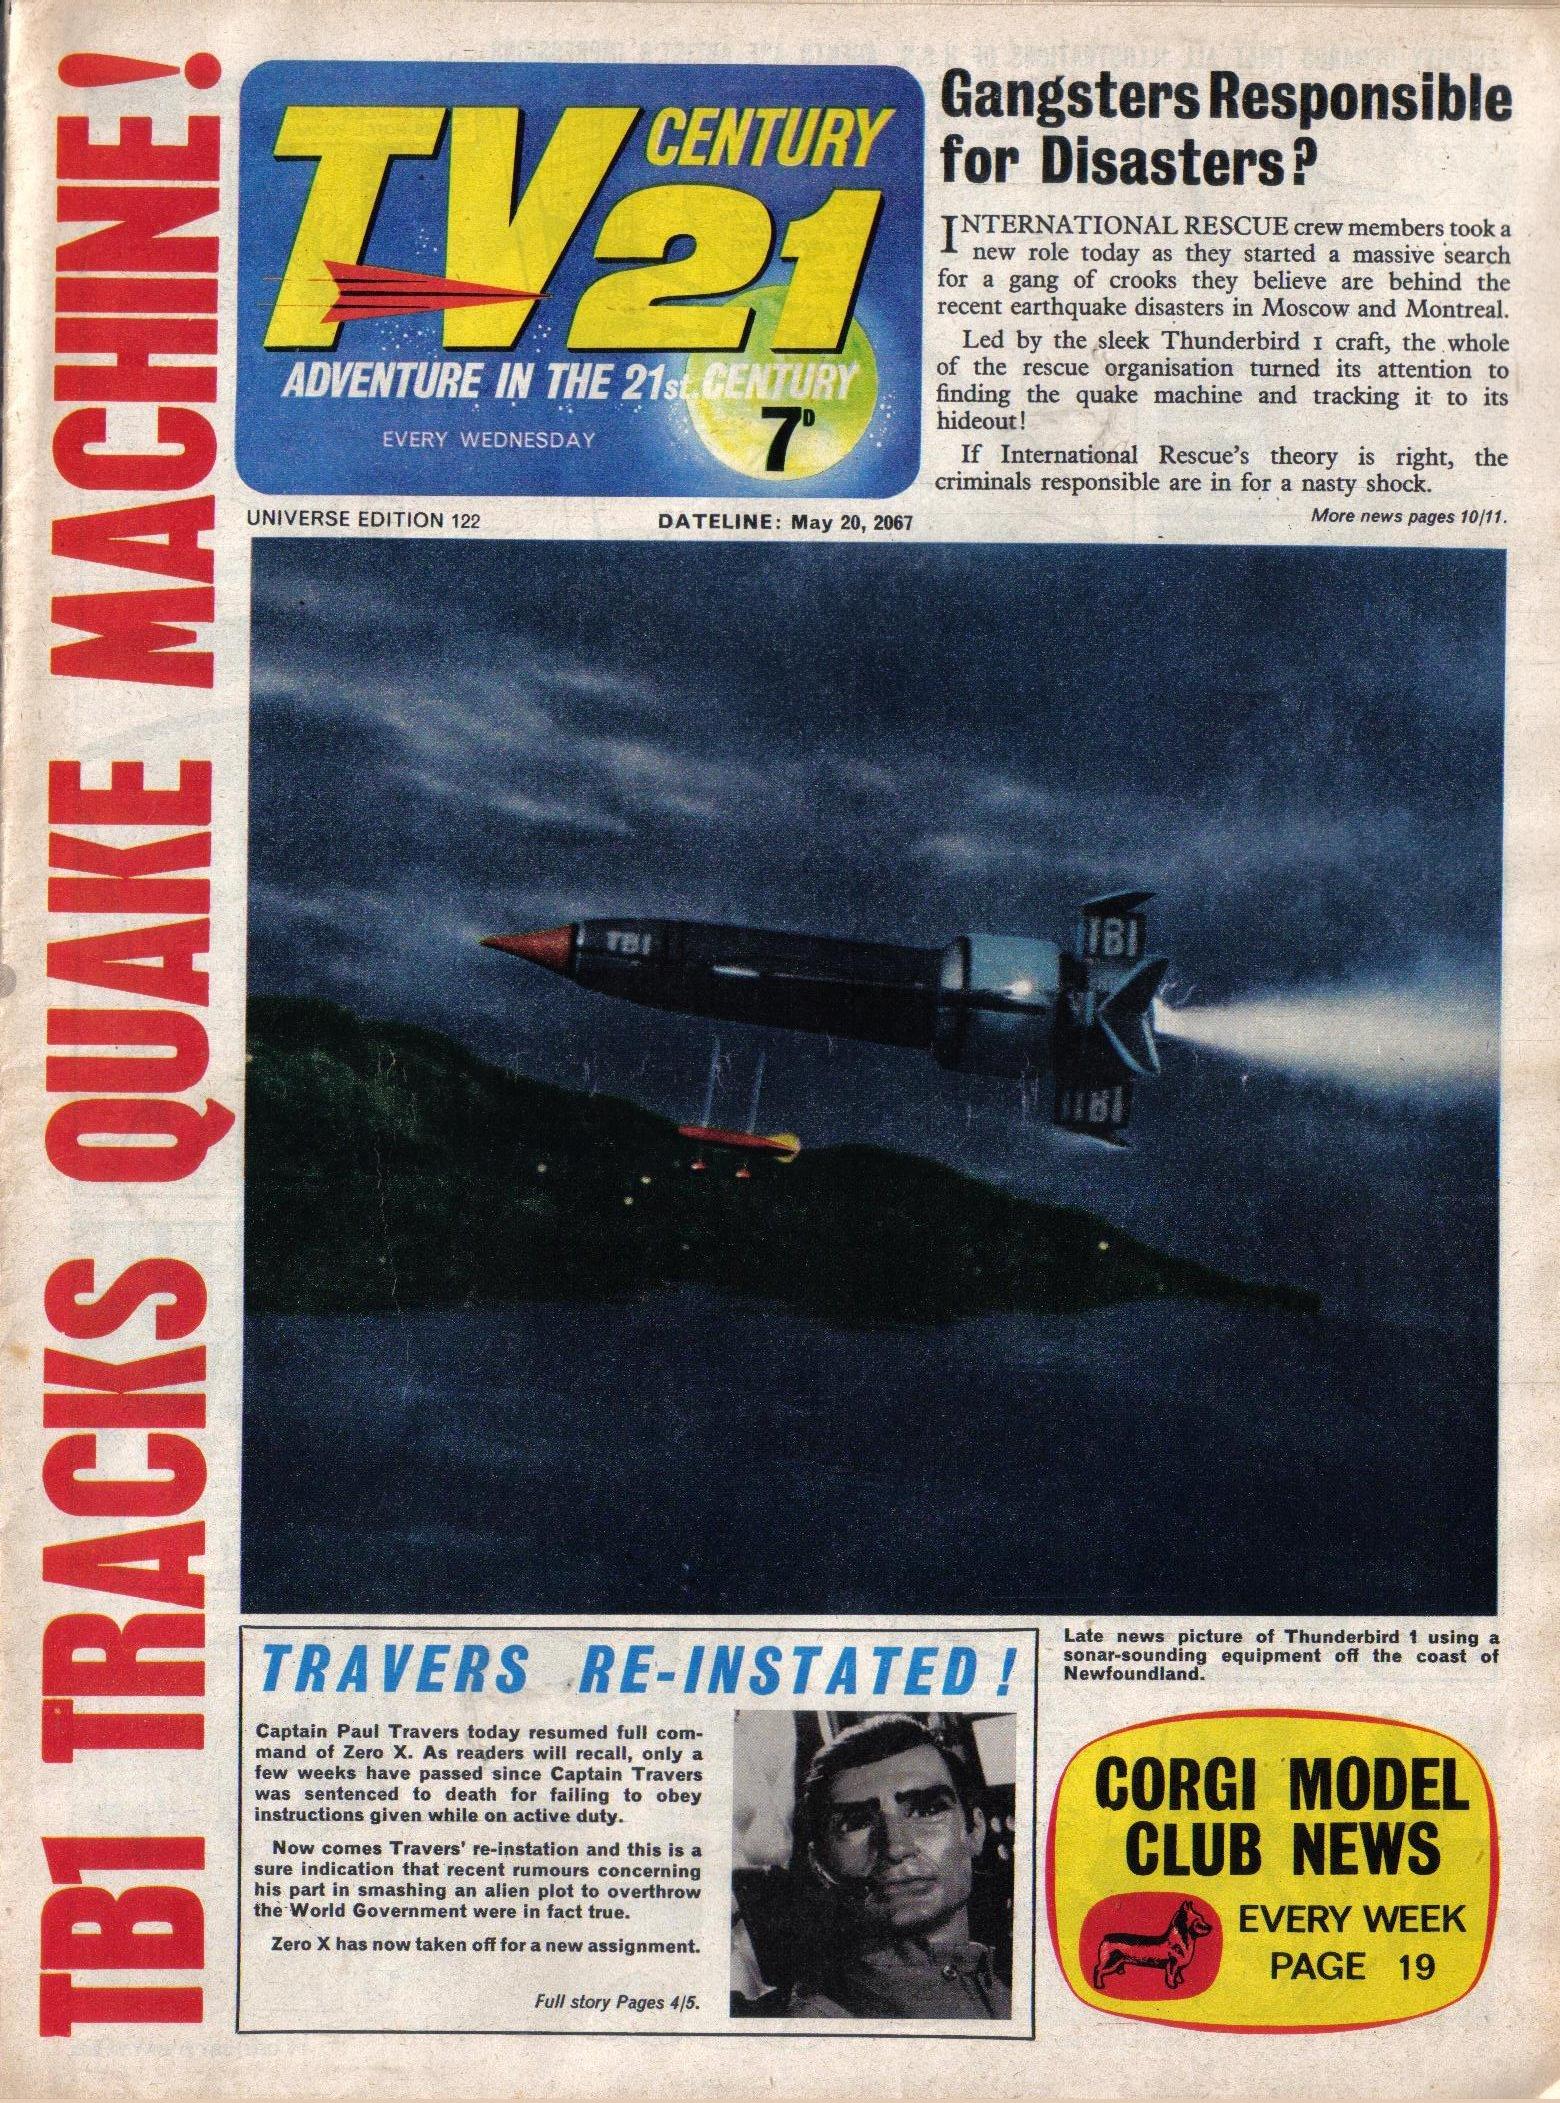 TV Century 21 (TV 21) 122 Page 1